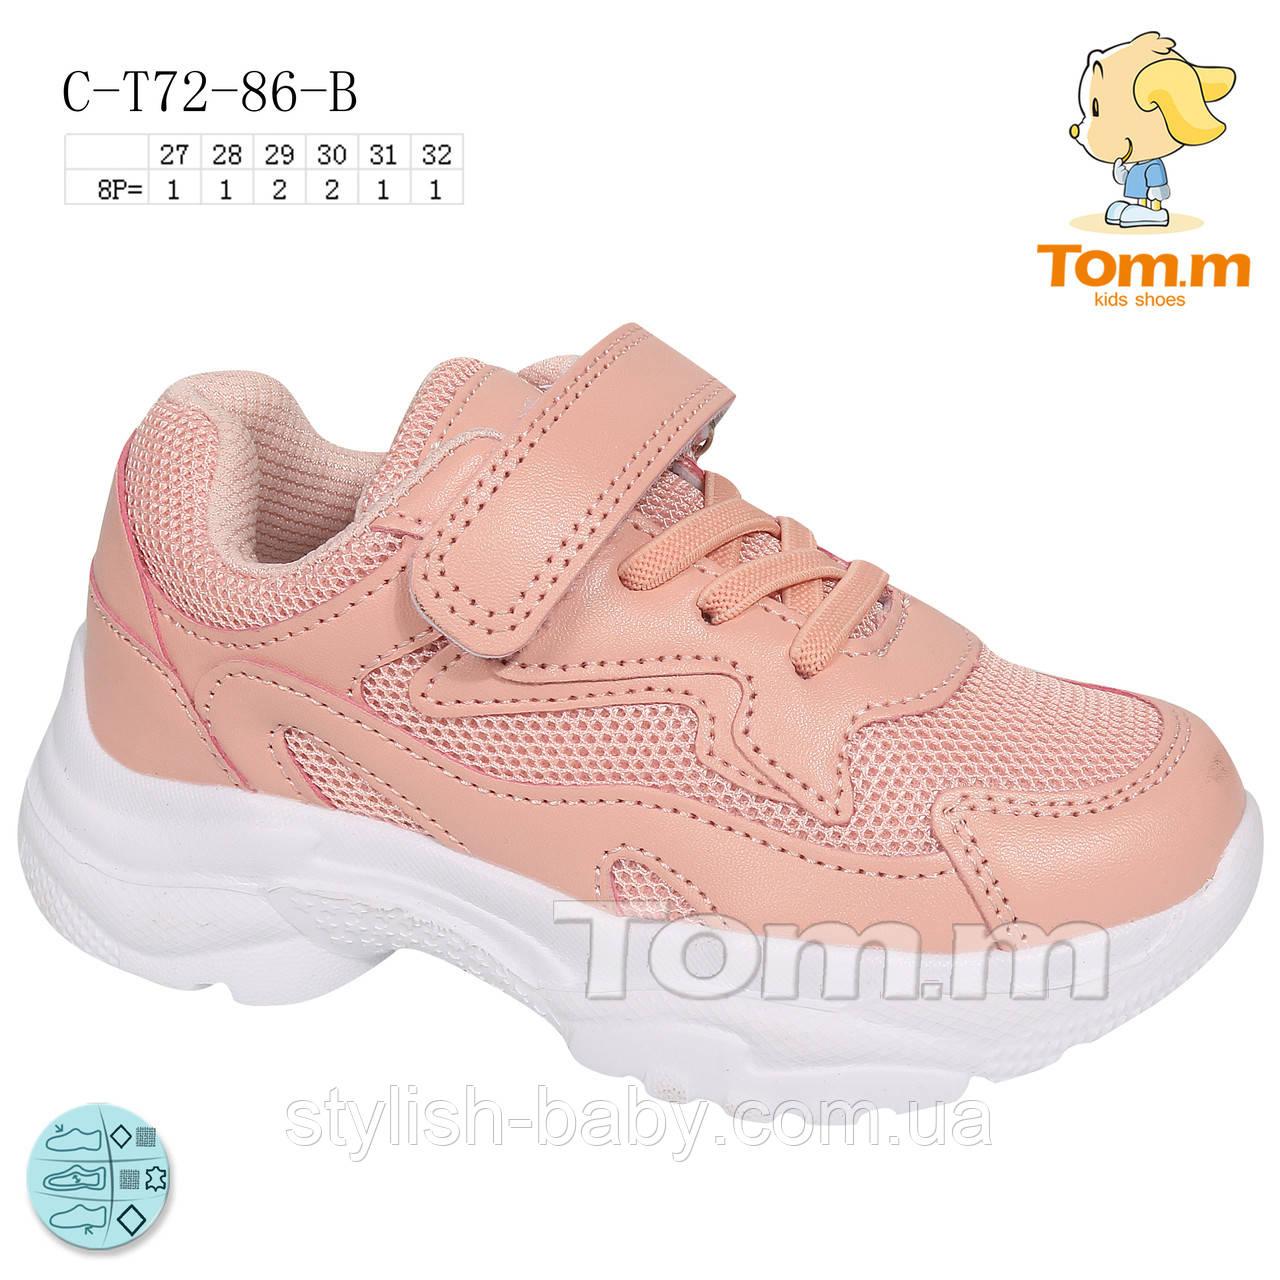 Детская спортивная обувь 2020 оптом. Детская обувь бренда Tom.m для девочек (рр. с 27 по 32)